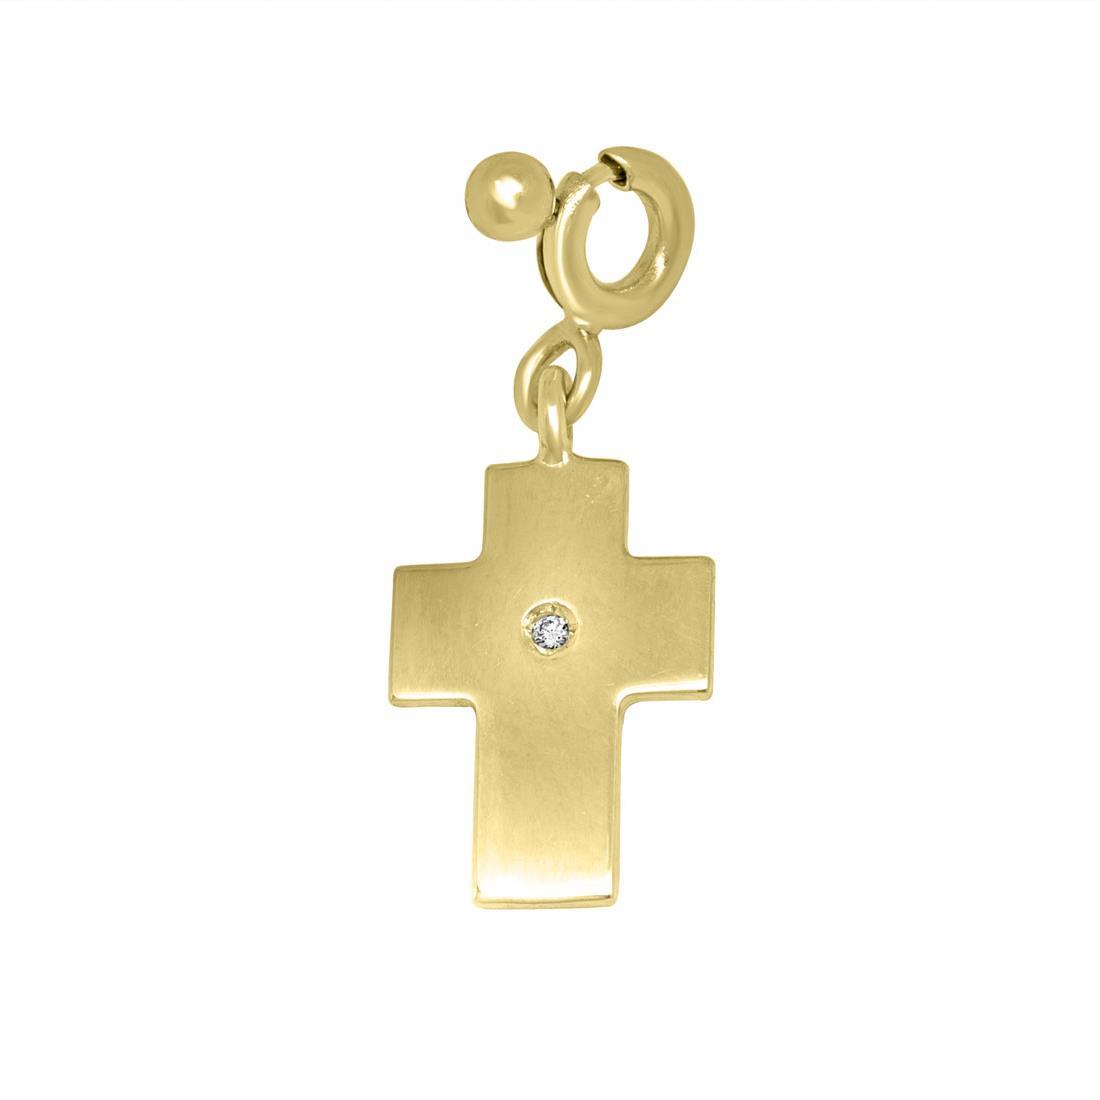 Ciondolo croce in oro giallo - PASQUALE BRUNI